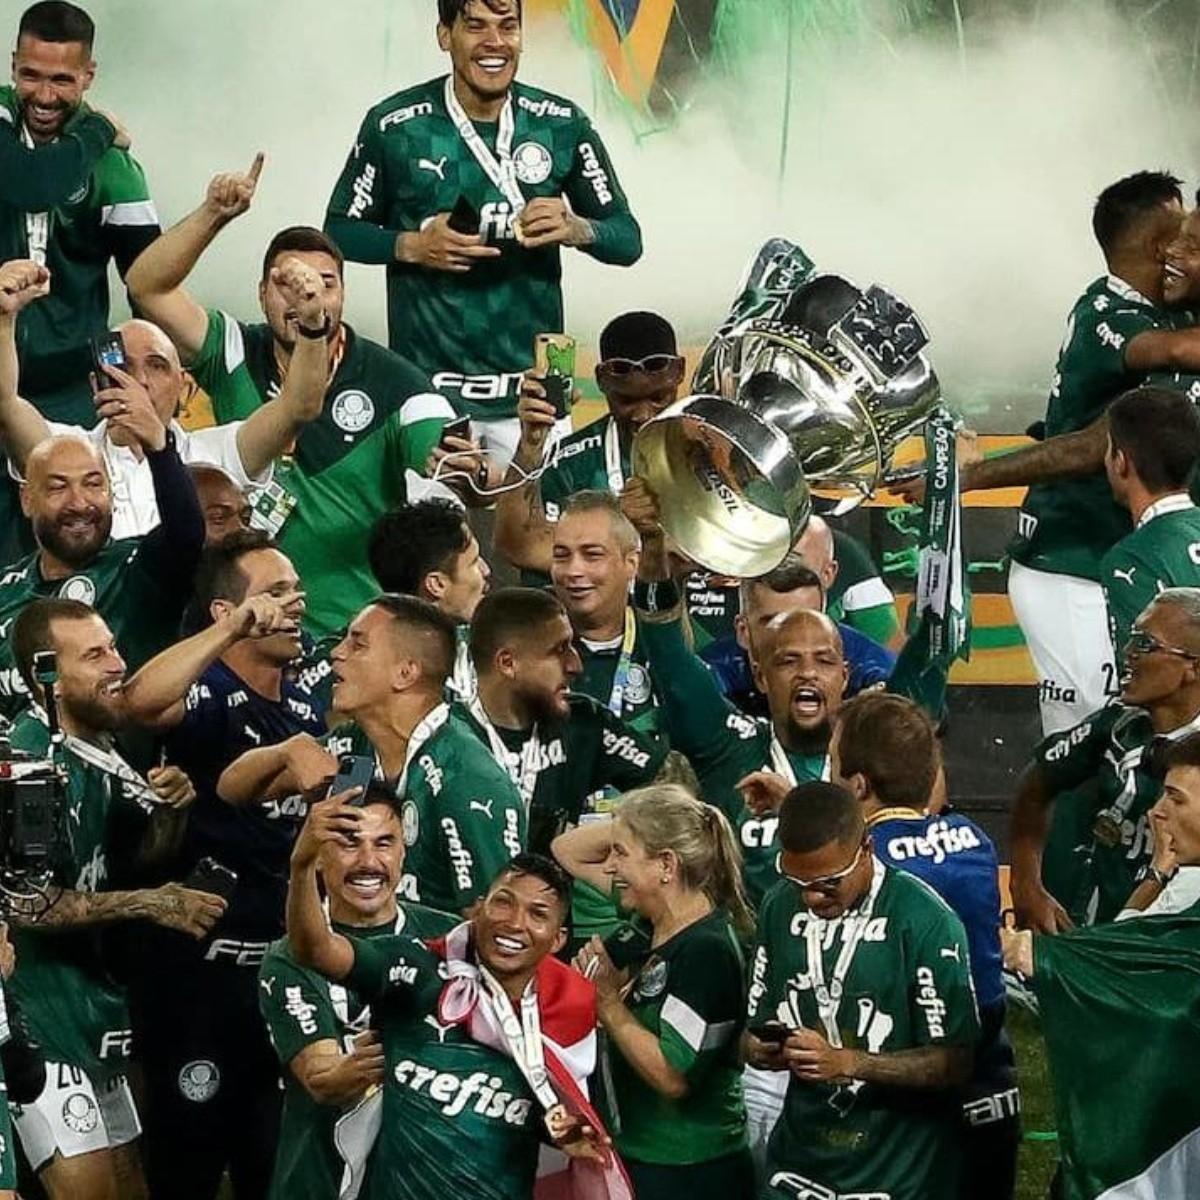 Copa do Brasil 2021: quanto ganha o campeão da competição? Veja a premiação